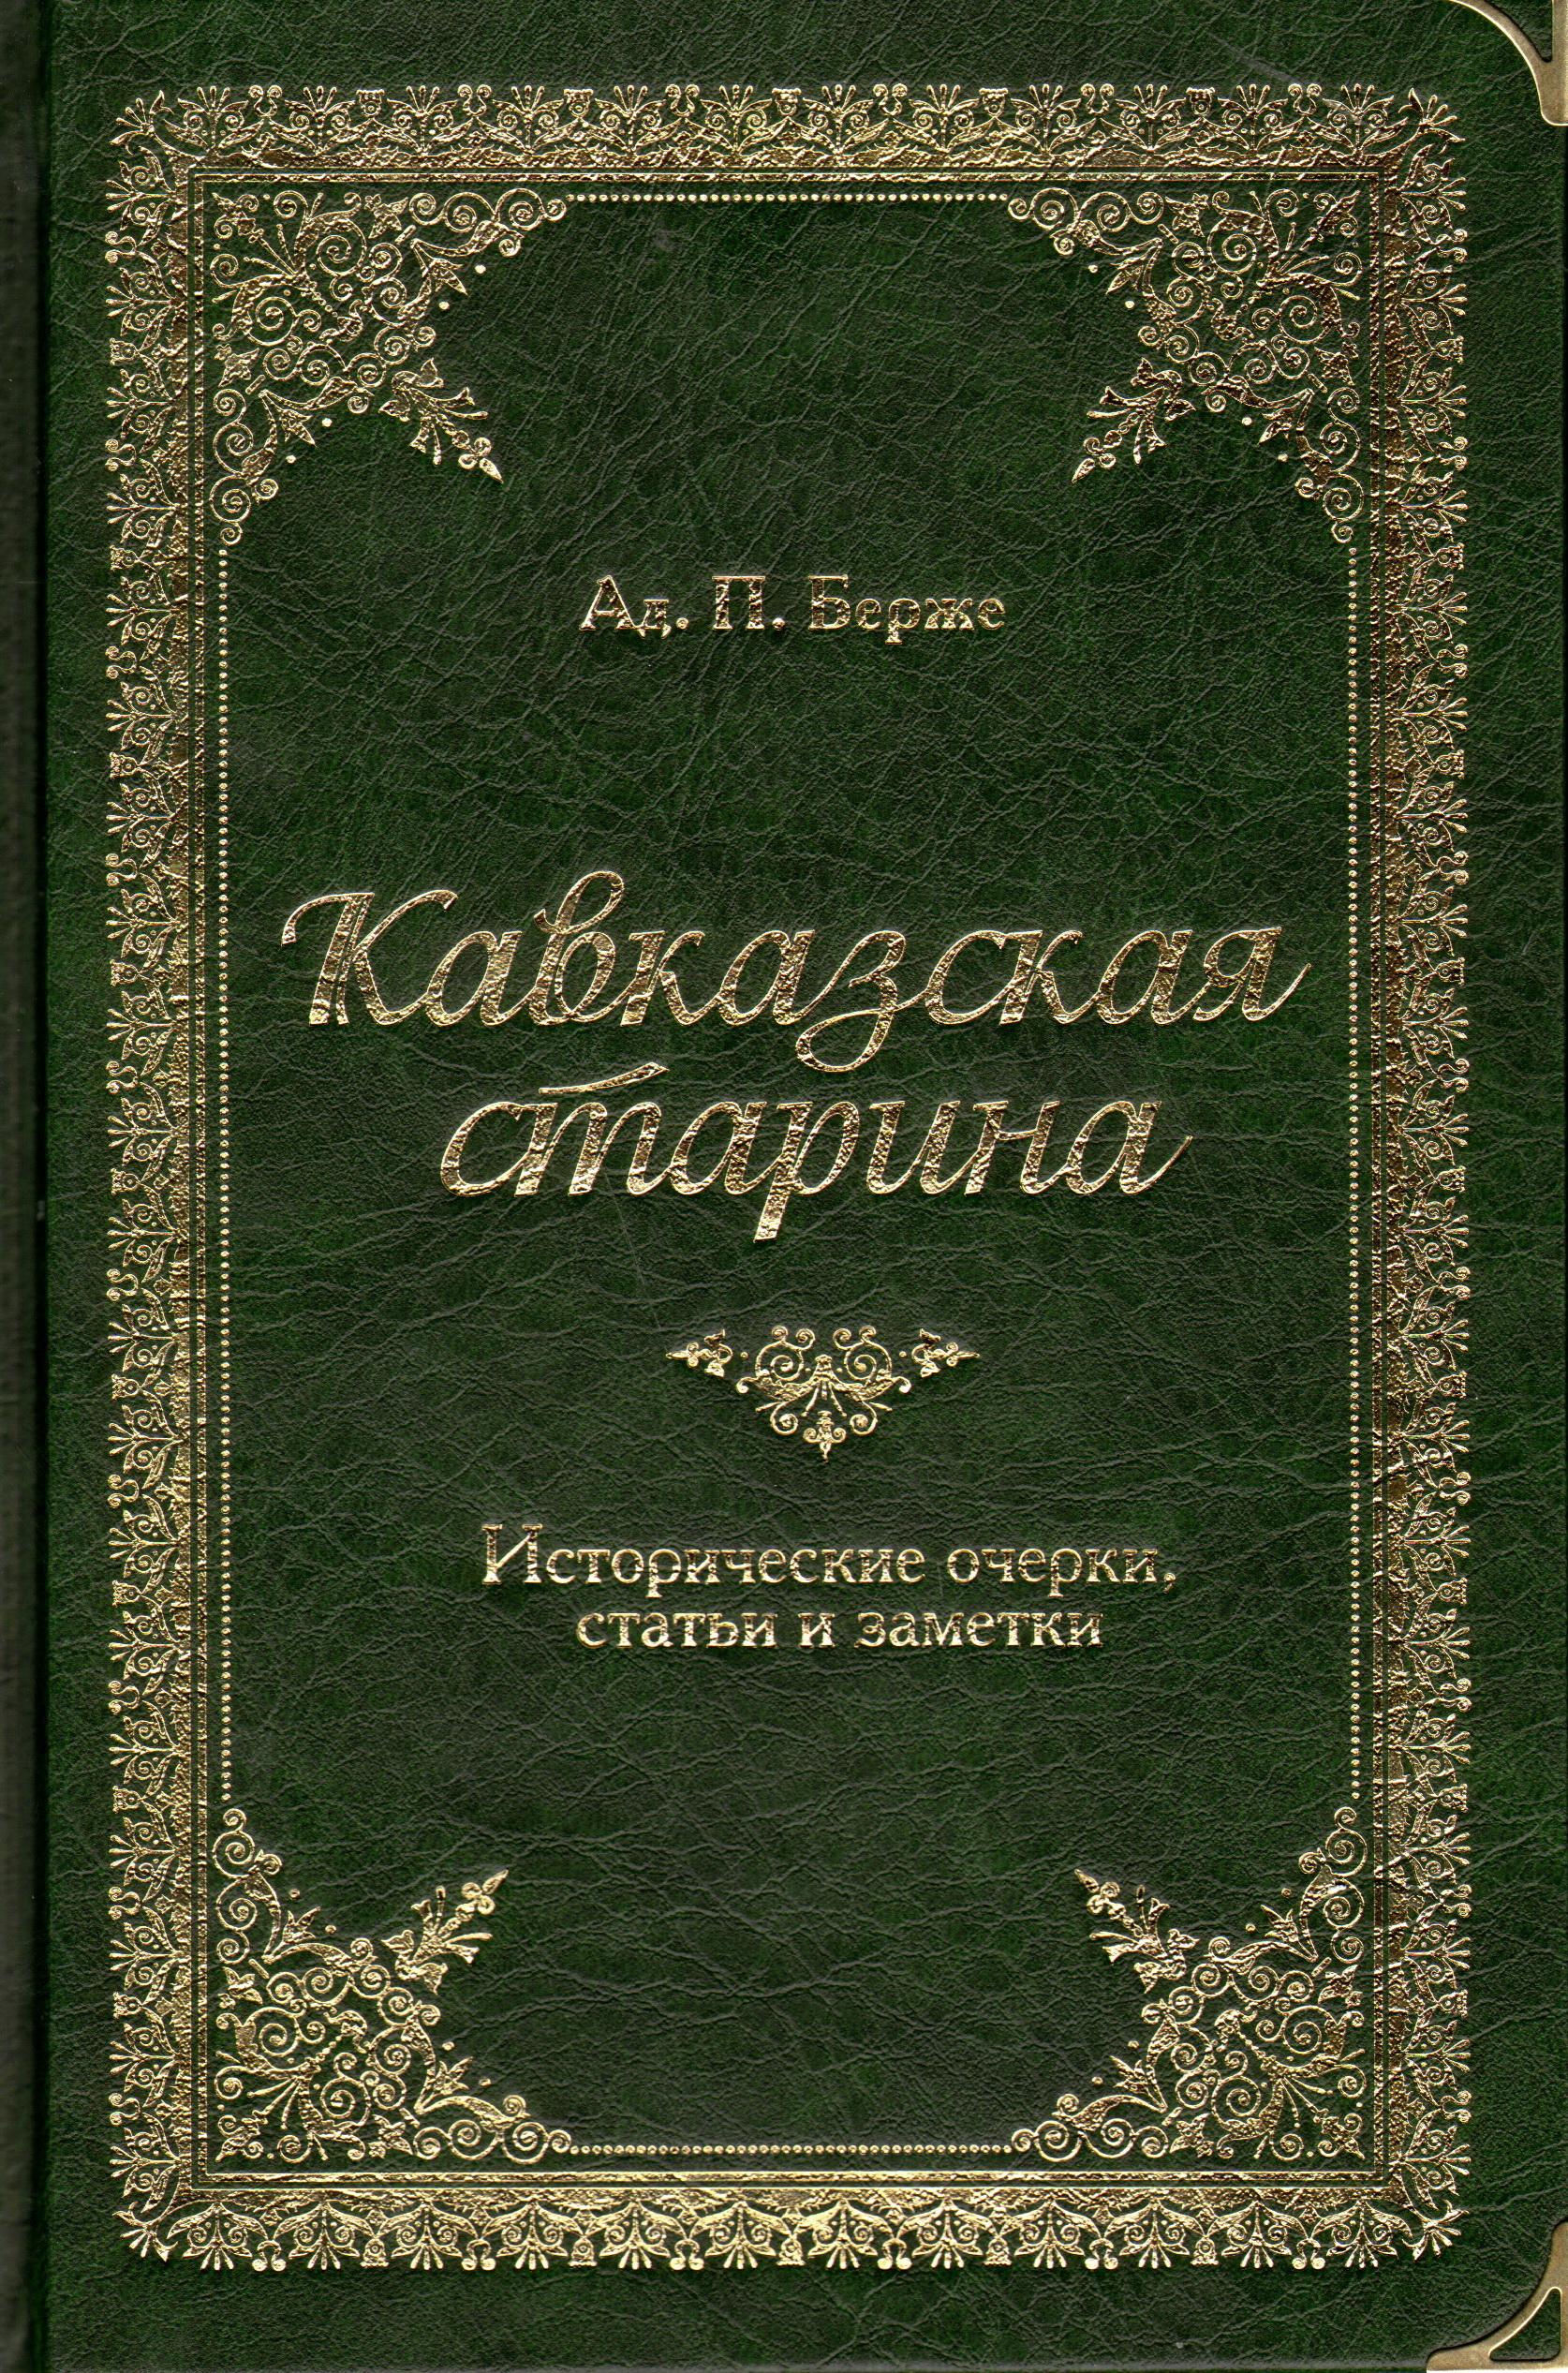 Кавказская старина с зол.обр.